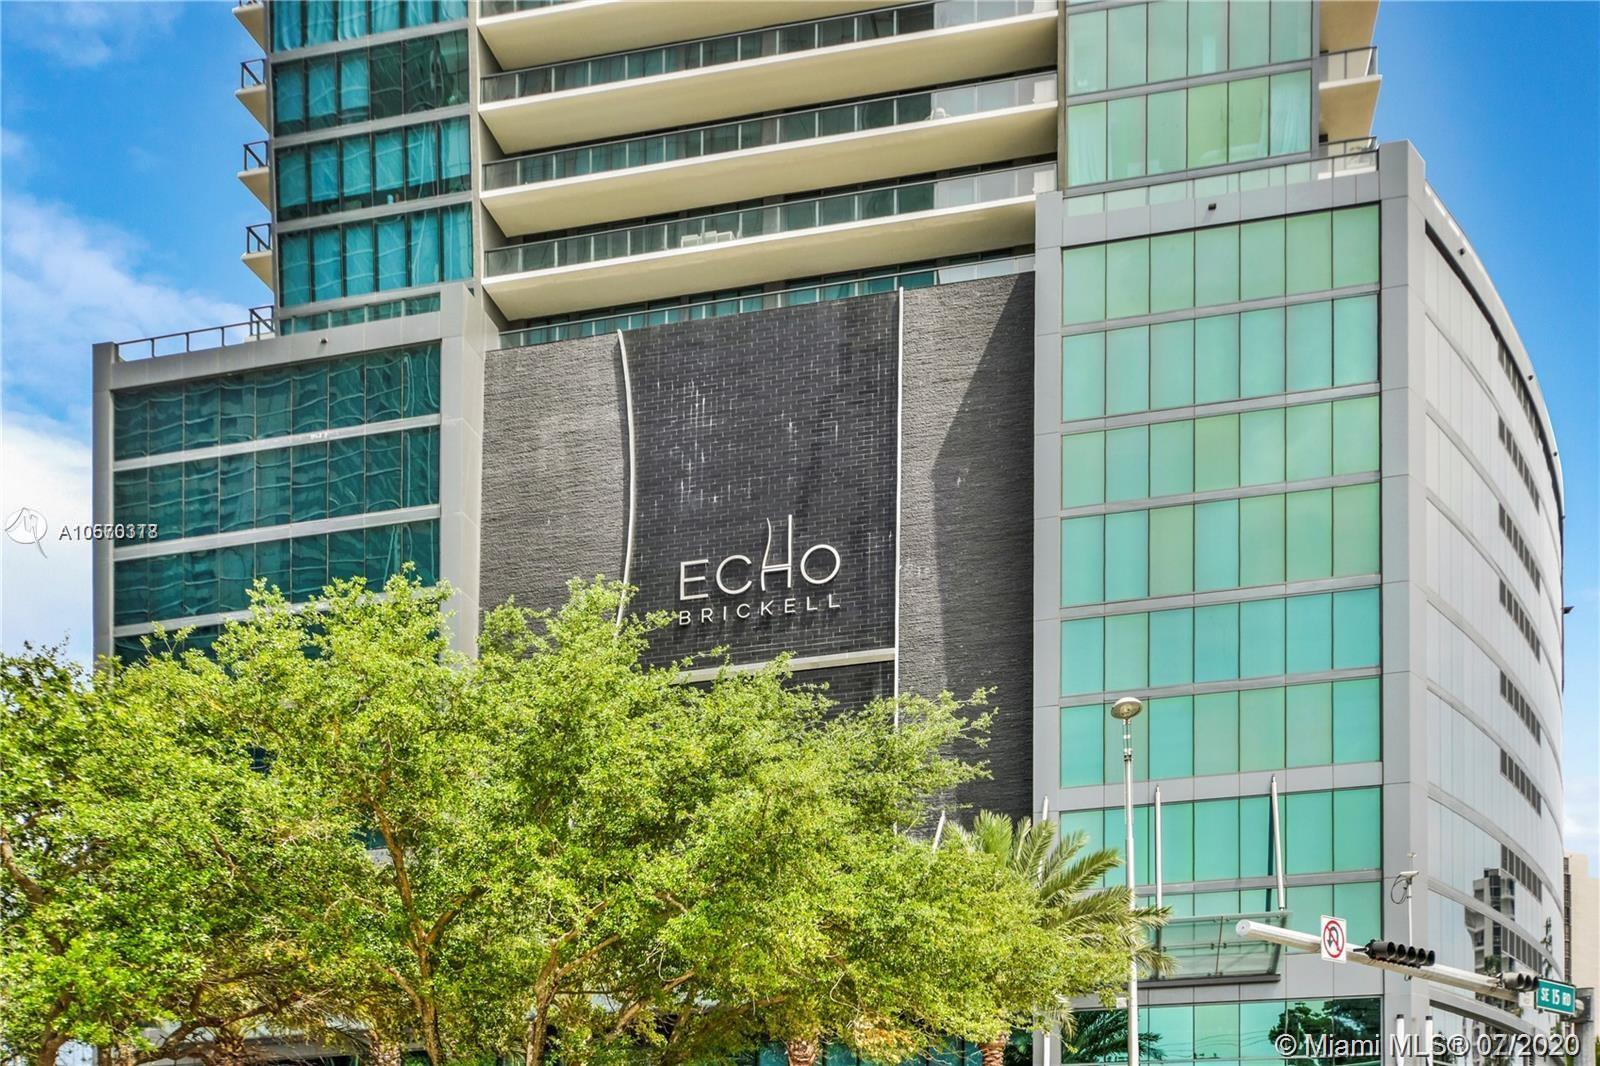 1451 Brickell Avenue, Miami, FL 33131, Echo Brickell #1601, Brickell, Miami A10570318 image #2